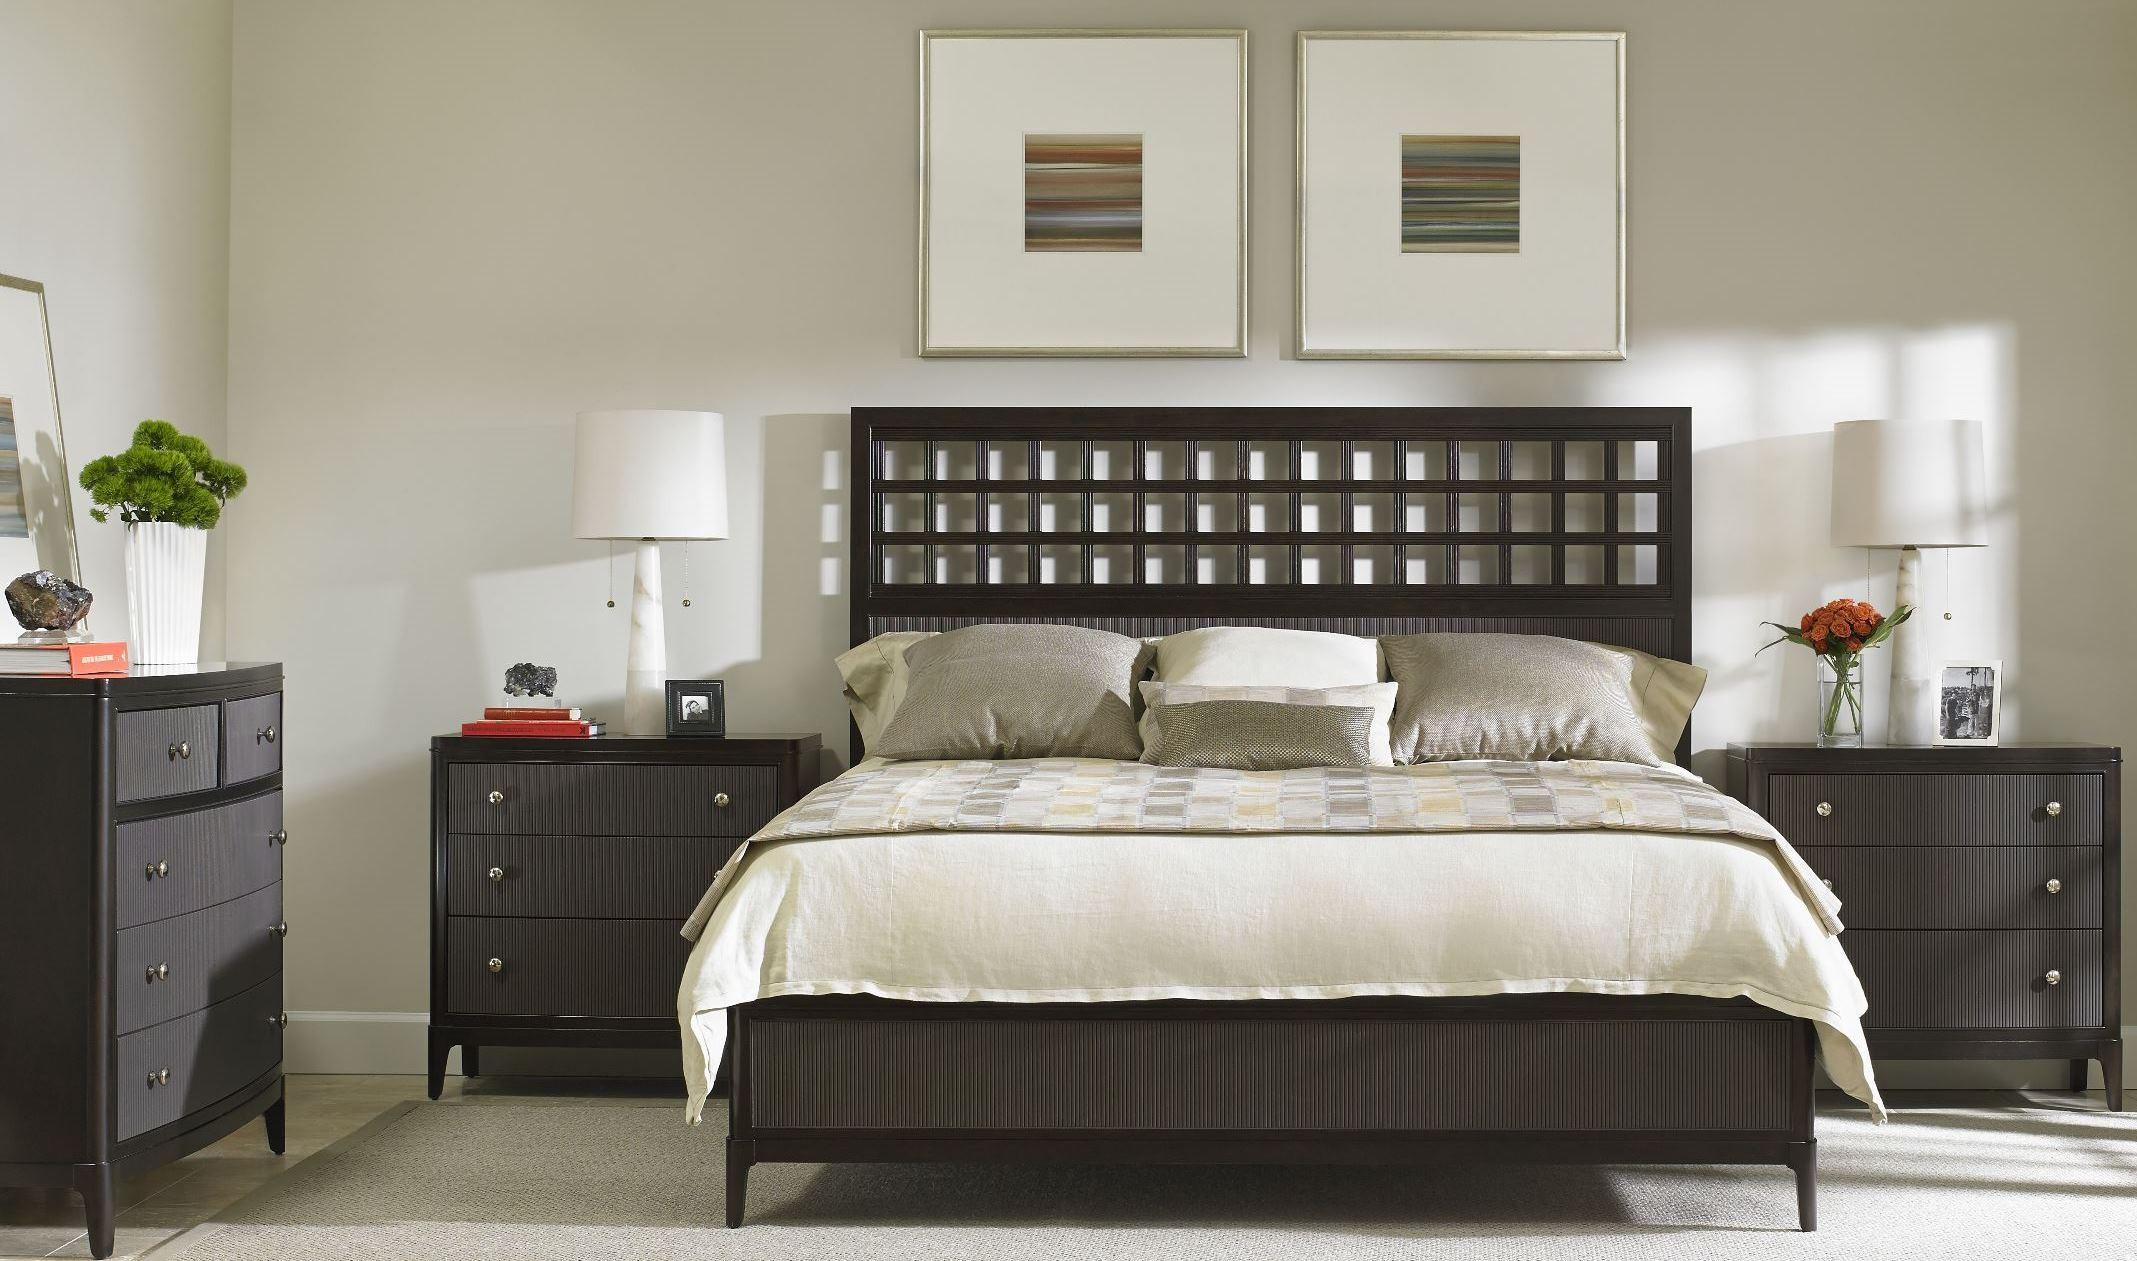 Wicker Park Wood Panel Bedroom Set From Stanley 409 13 40